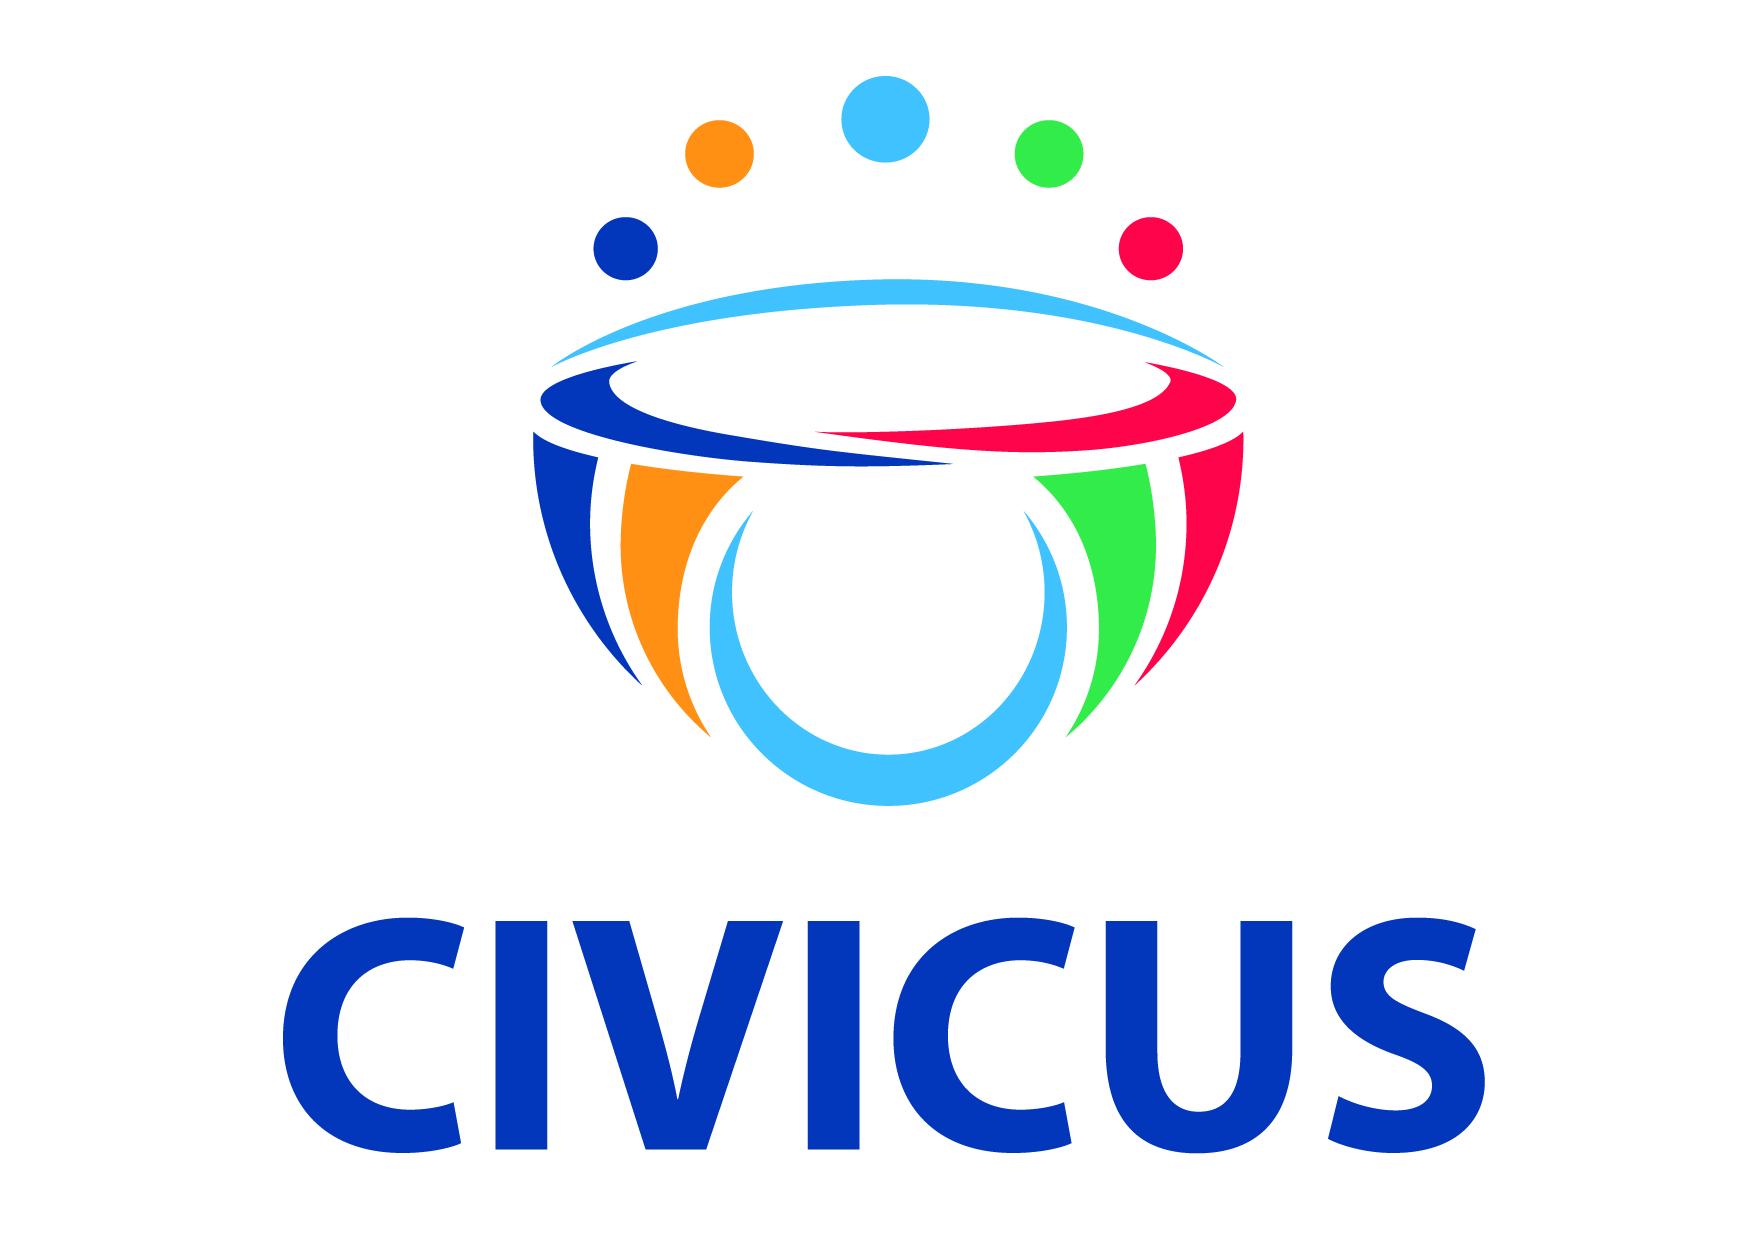 CIVICUS.jpg